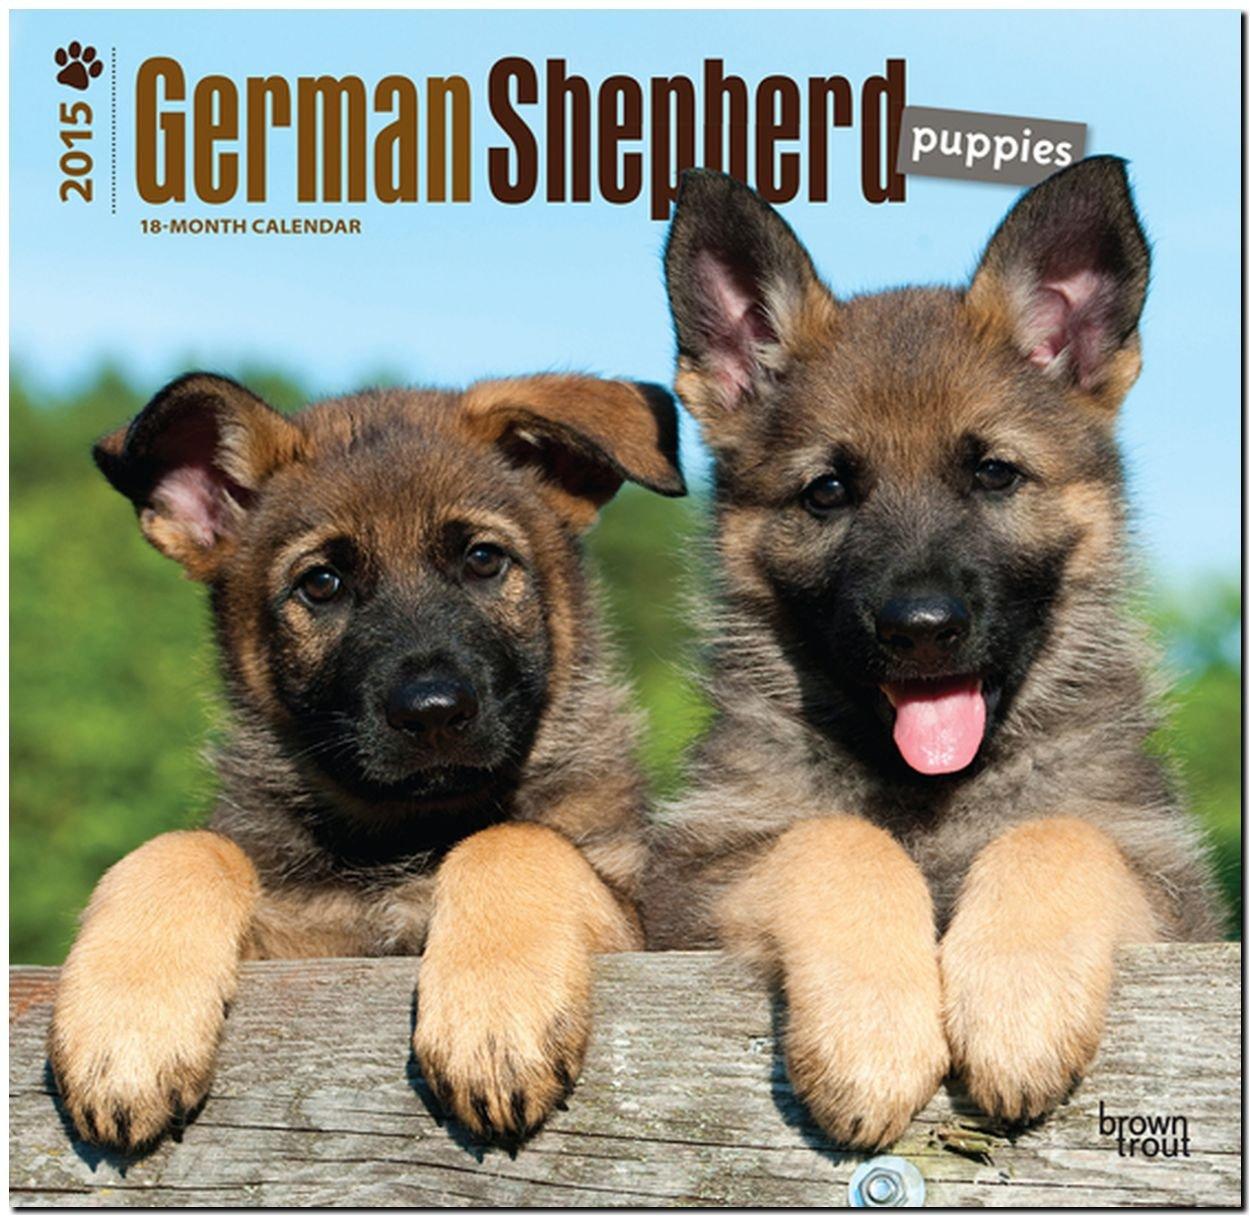 German Shepherd Puppies 2015 - Deutsche Schäferhunde - Welpen